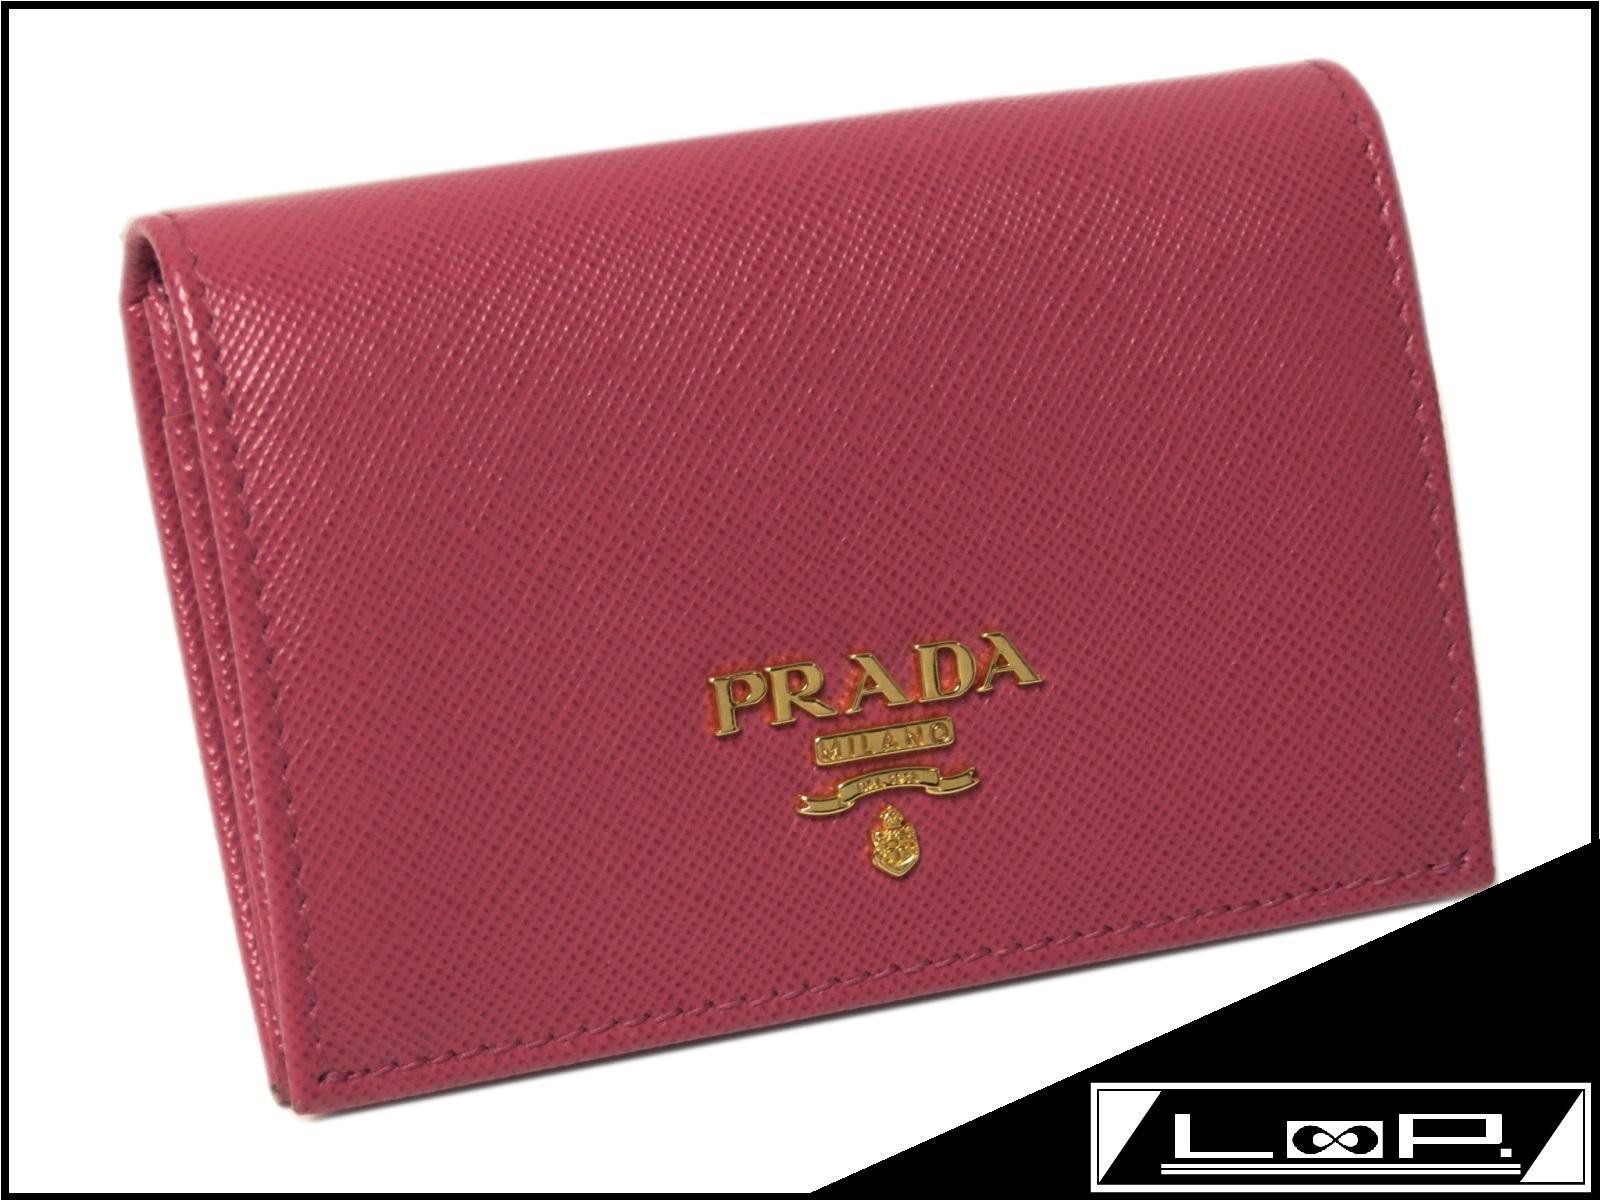 【美品】 PRADA プラダ カード ケース パス ケース サフィアーノ レザー ピンク ゴールド 1M0945 【A25770】 【中古】